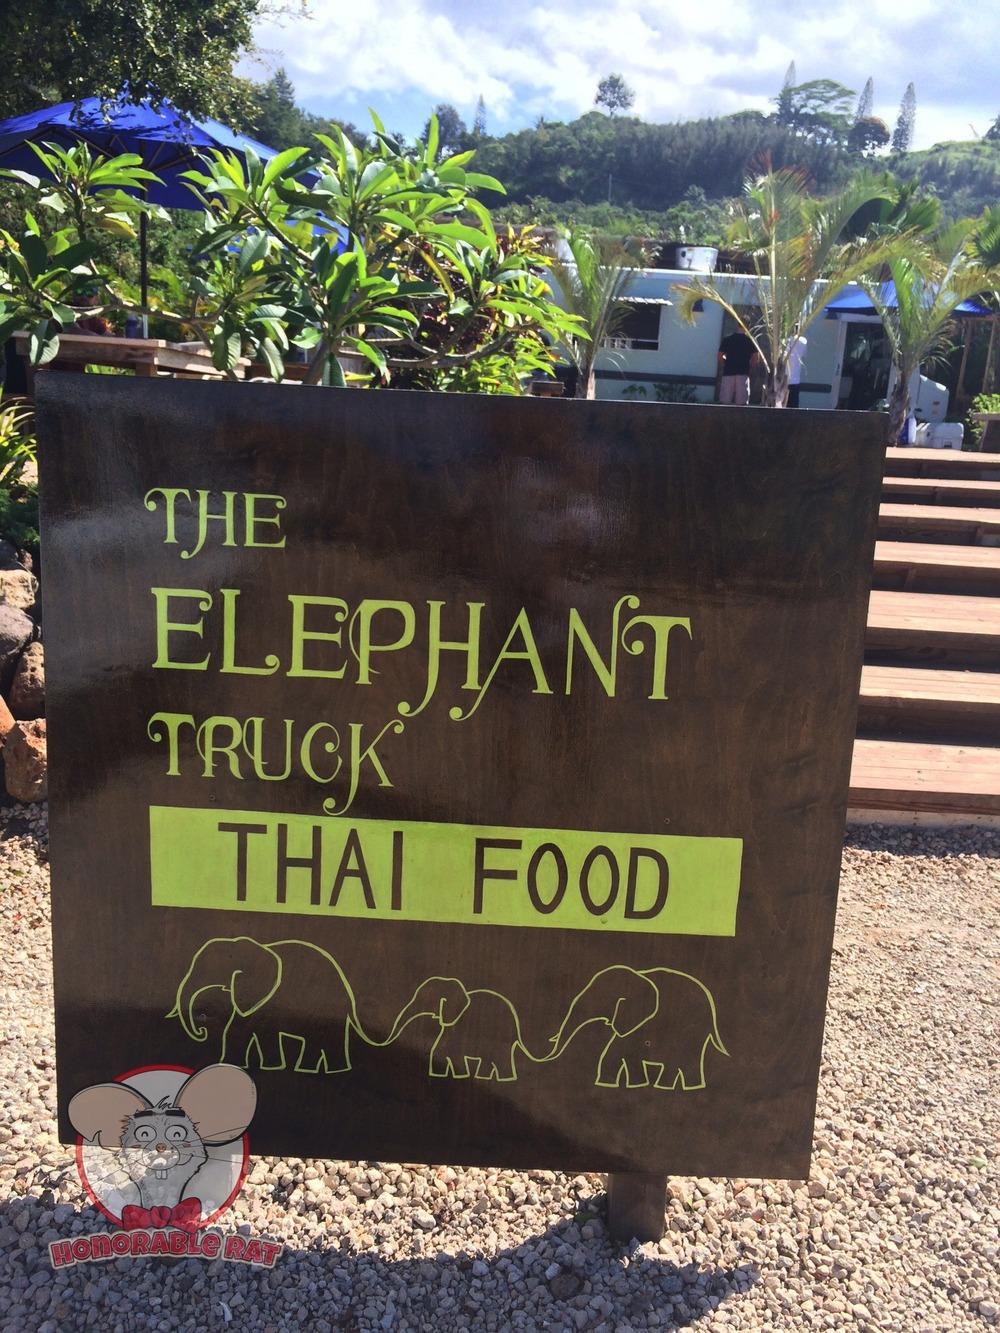 The Elephant Truck Signage